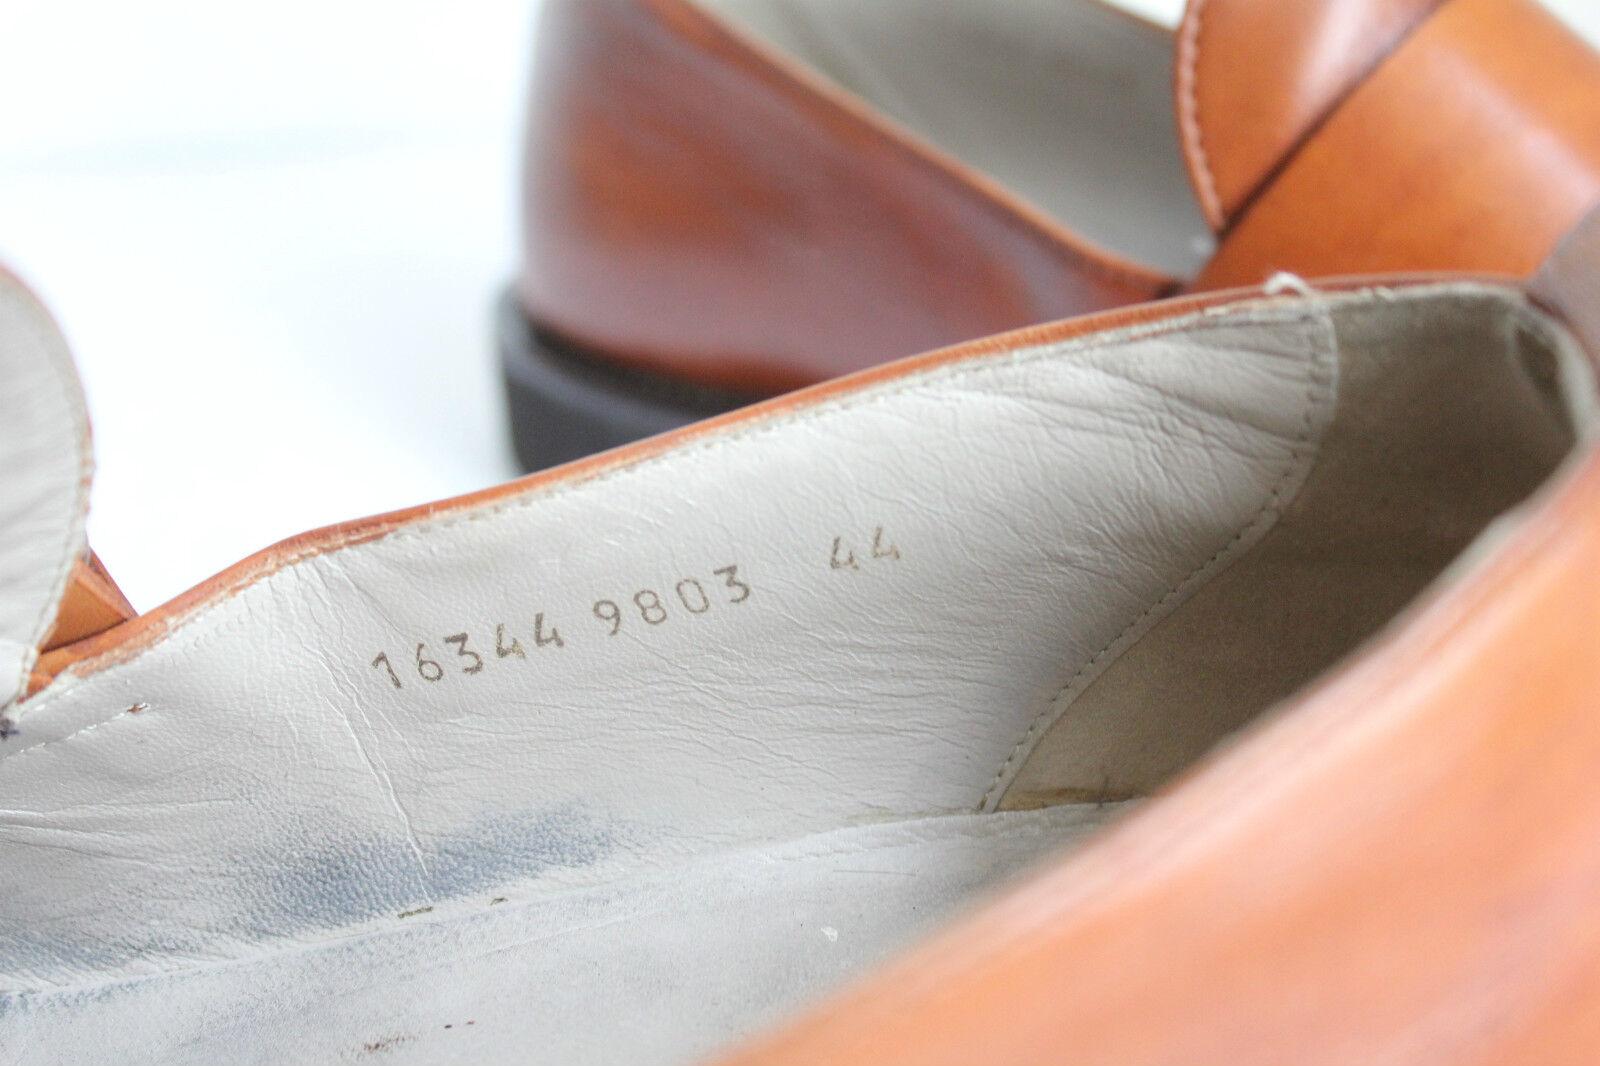 HUGO BOSS Luxus Elegante Herrenschuhe Eu:44-44,5 Slipper Echtleder Braun Eu:44-44,5 Herrenschuhe c56628